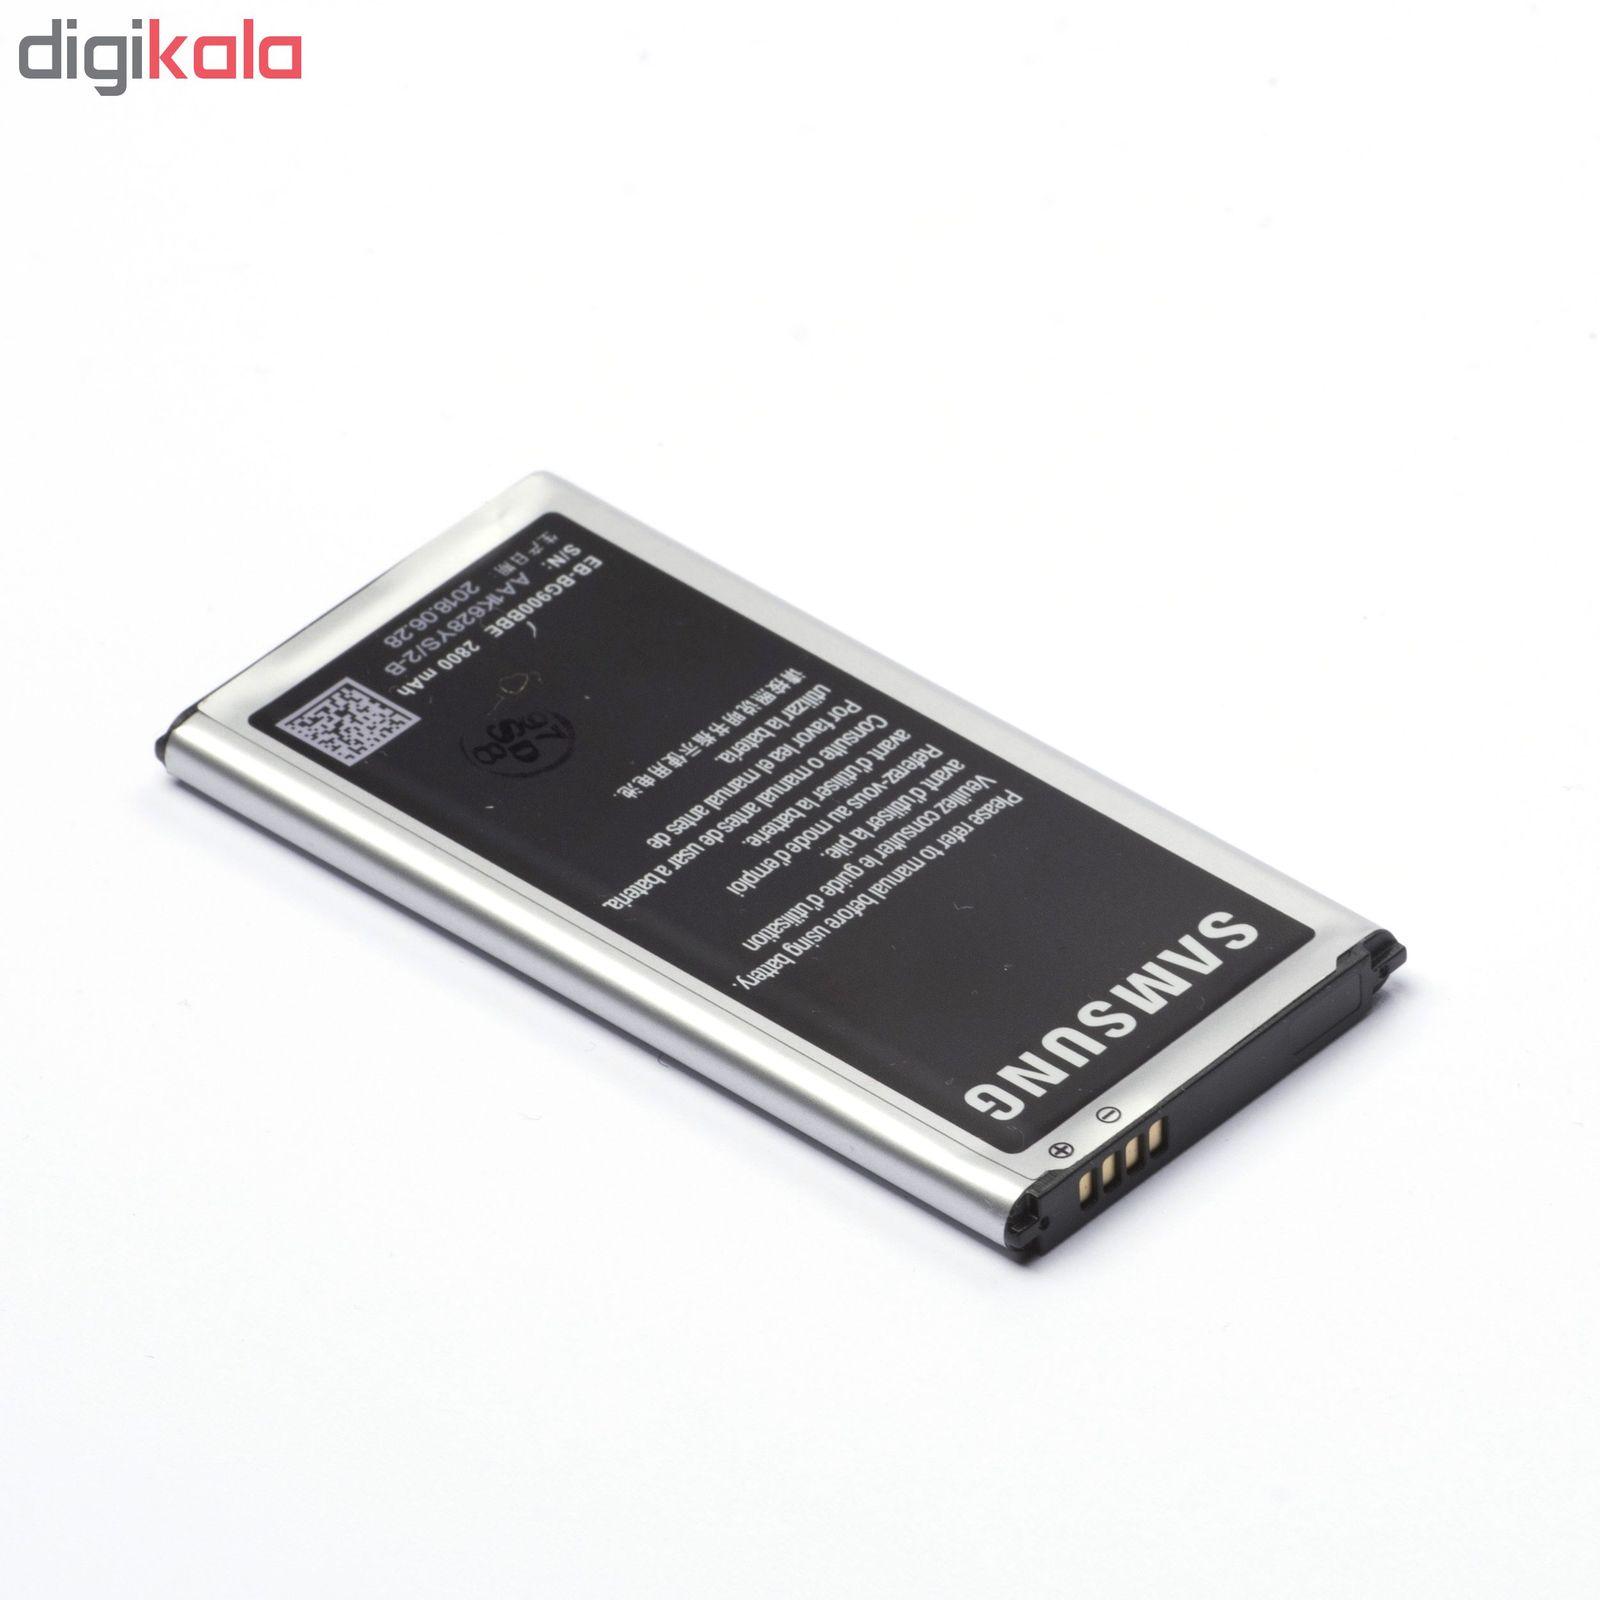 باتری موبایل مدل Galaxy S5 با ظرفیت 2800mAh مناسب برای گوشی موبایل سامسونگ Galaxy S5 main 1 4